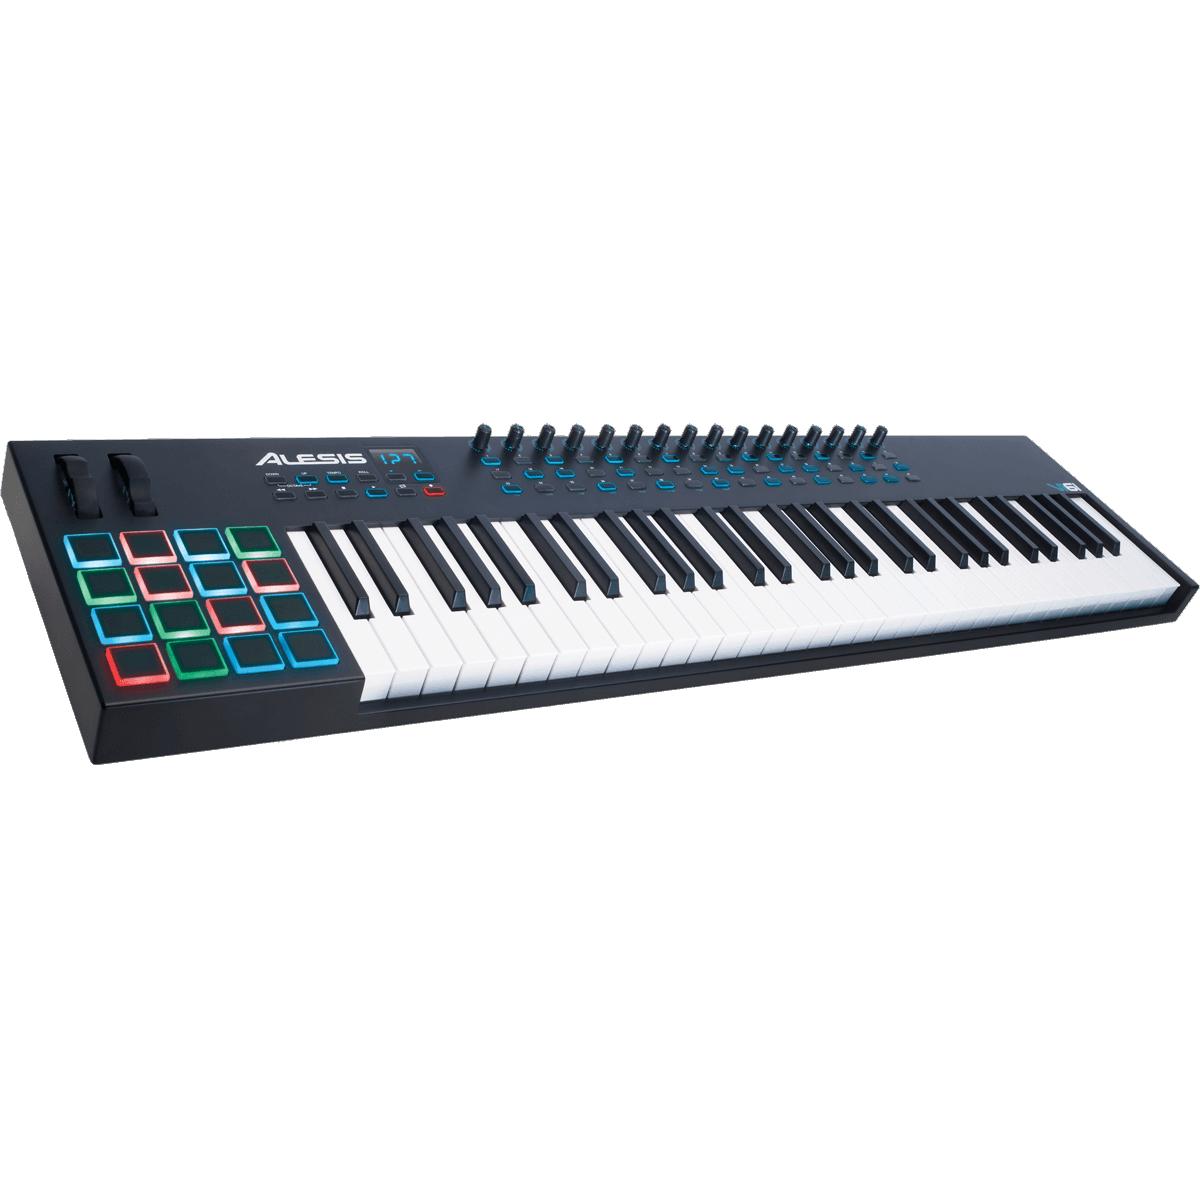 Claviers maitres 61 touches - Alesis - VI61